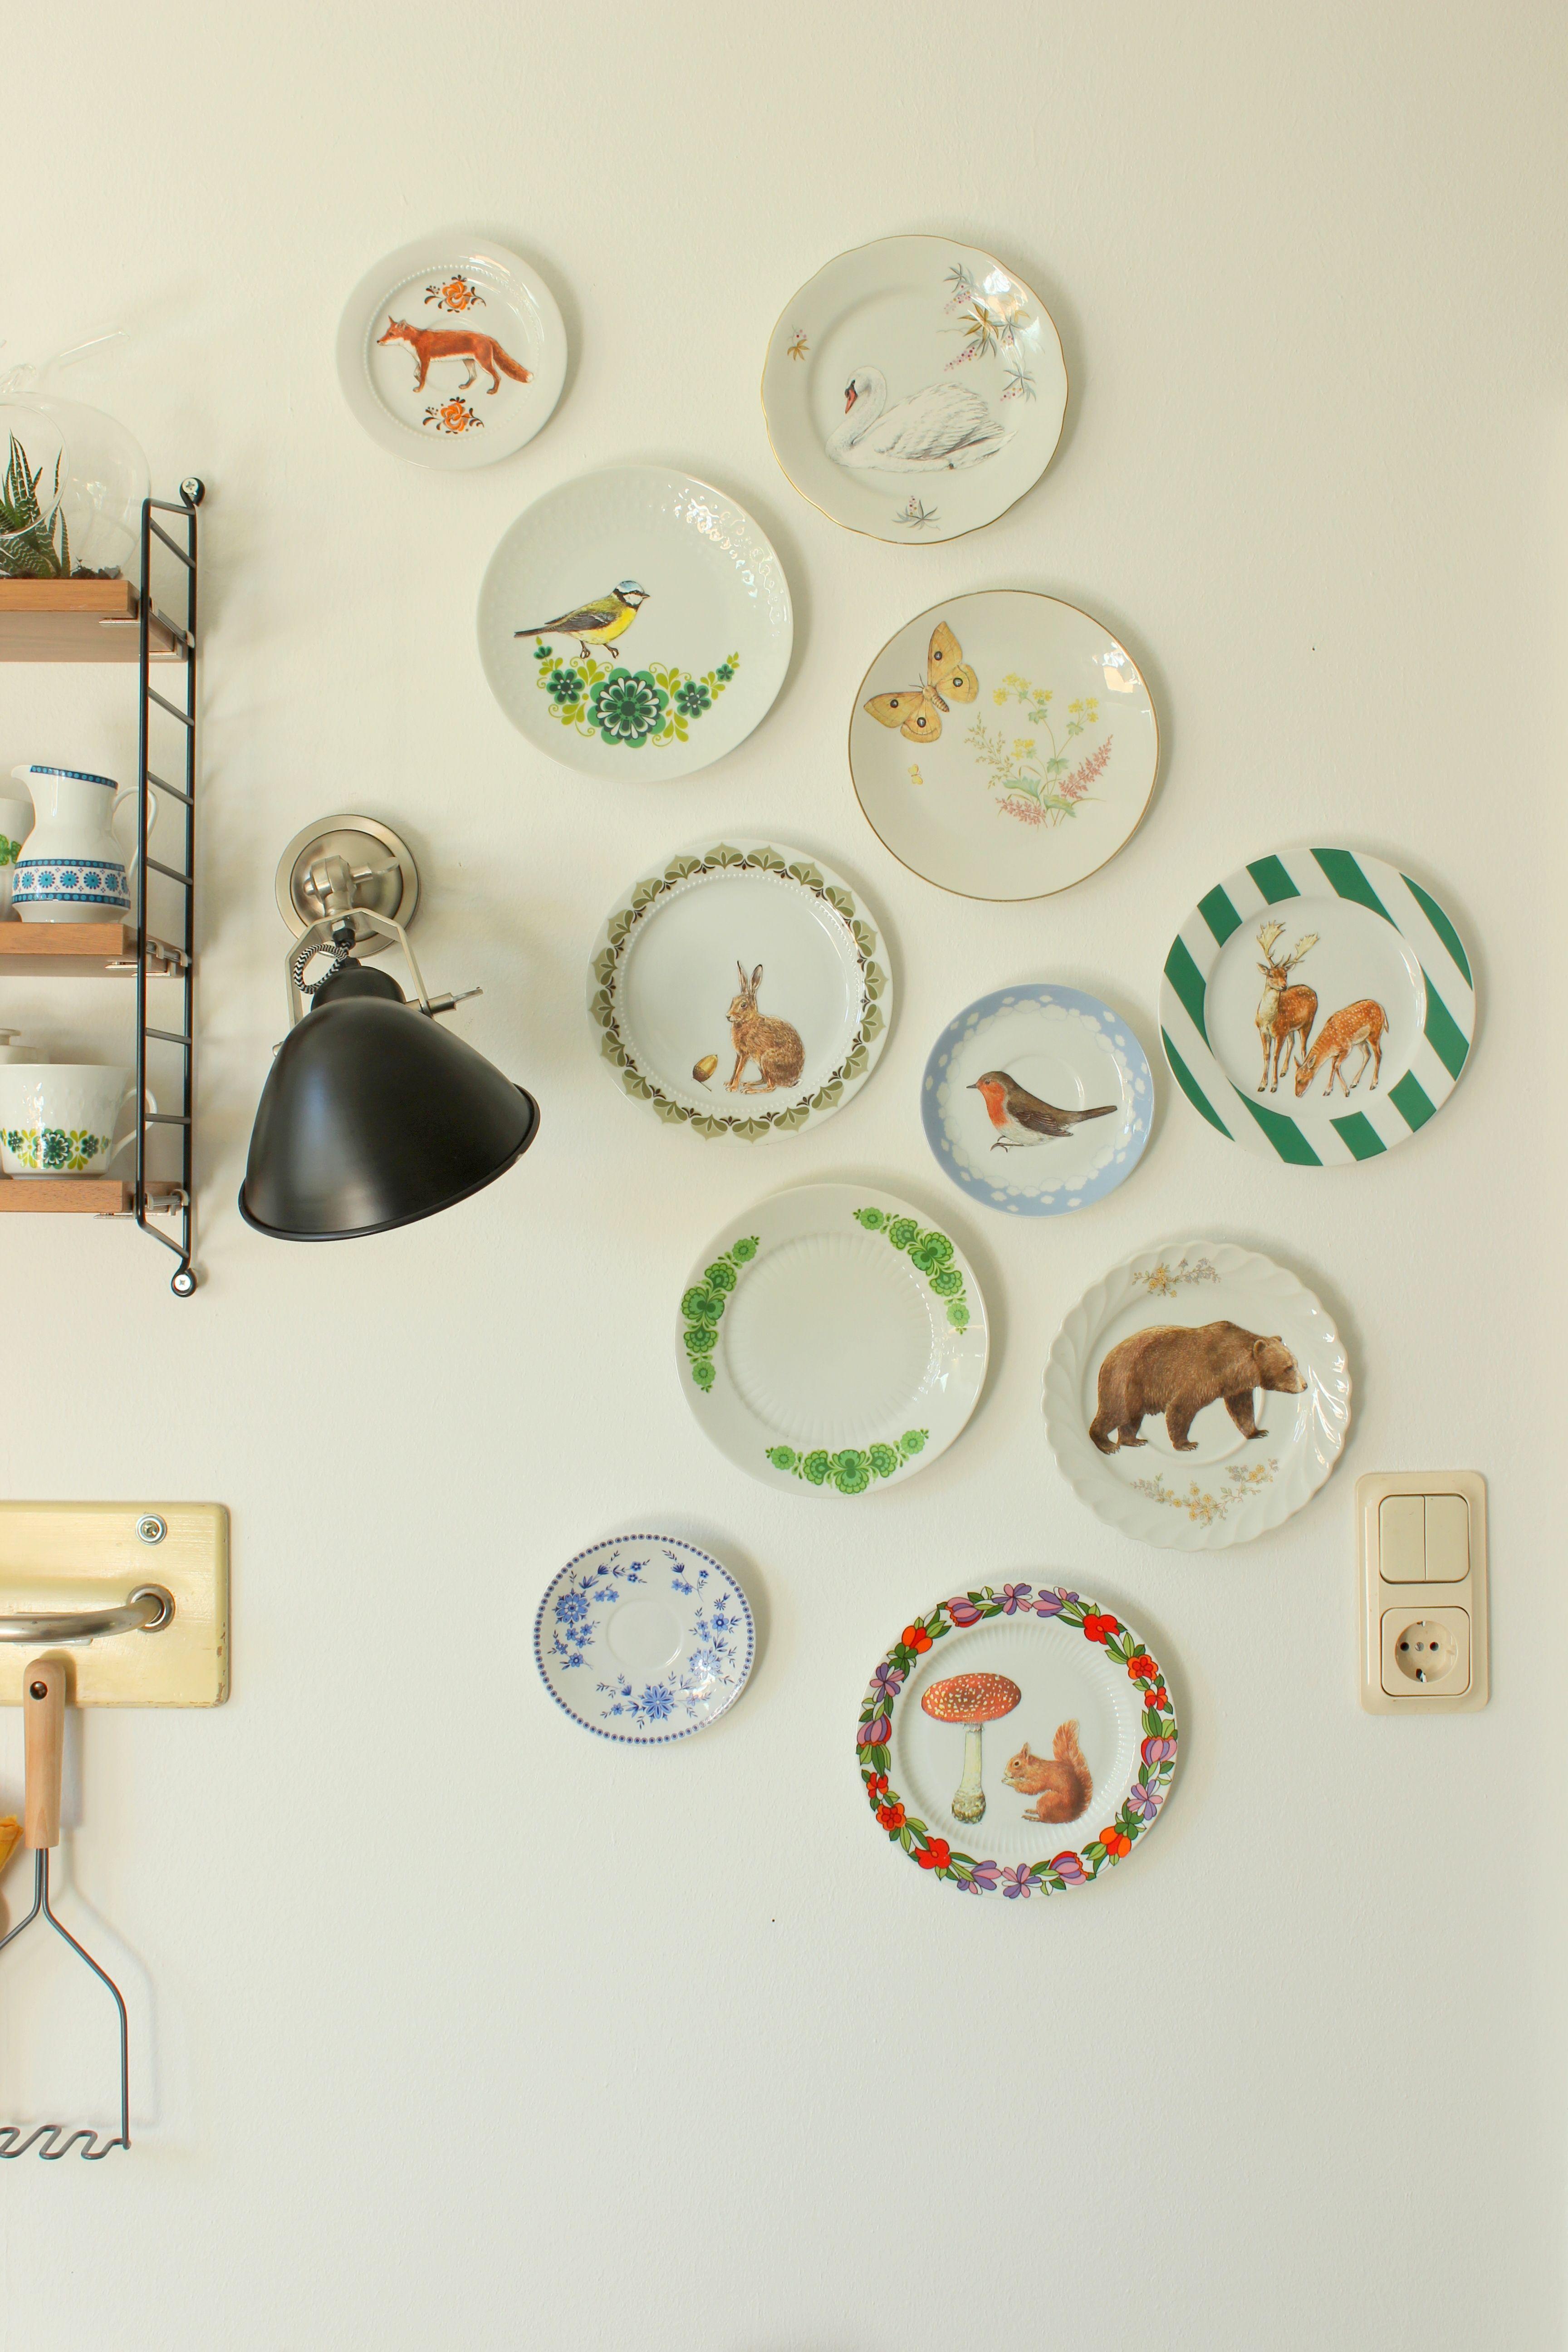 Ich habe aus alten Vintage-Teller Herbstliche Wandteller gestaltet und damit unsere Küche geschmückt